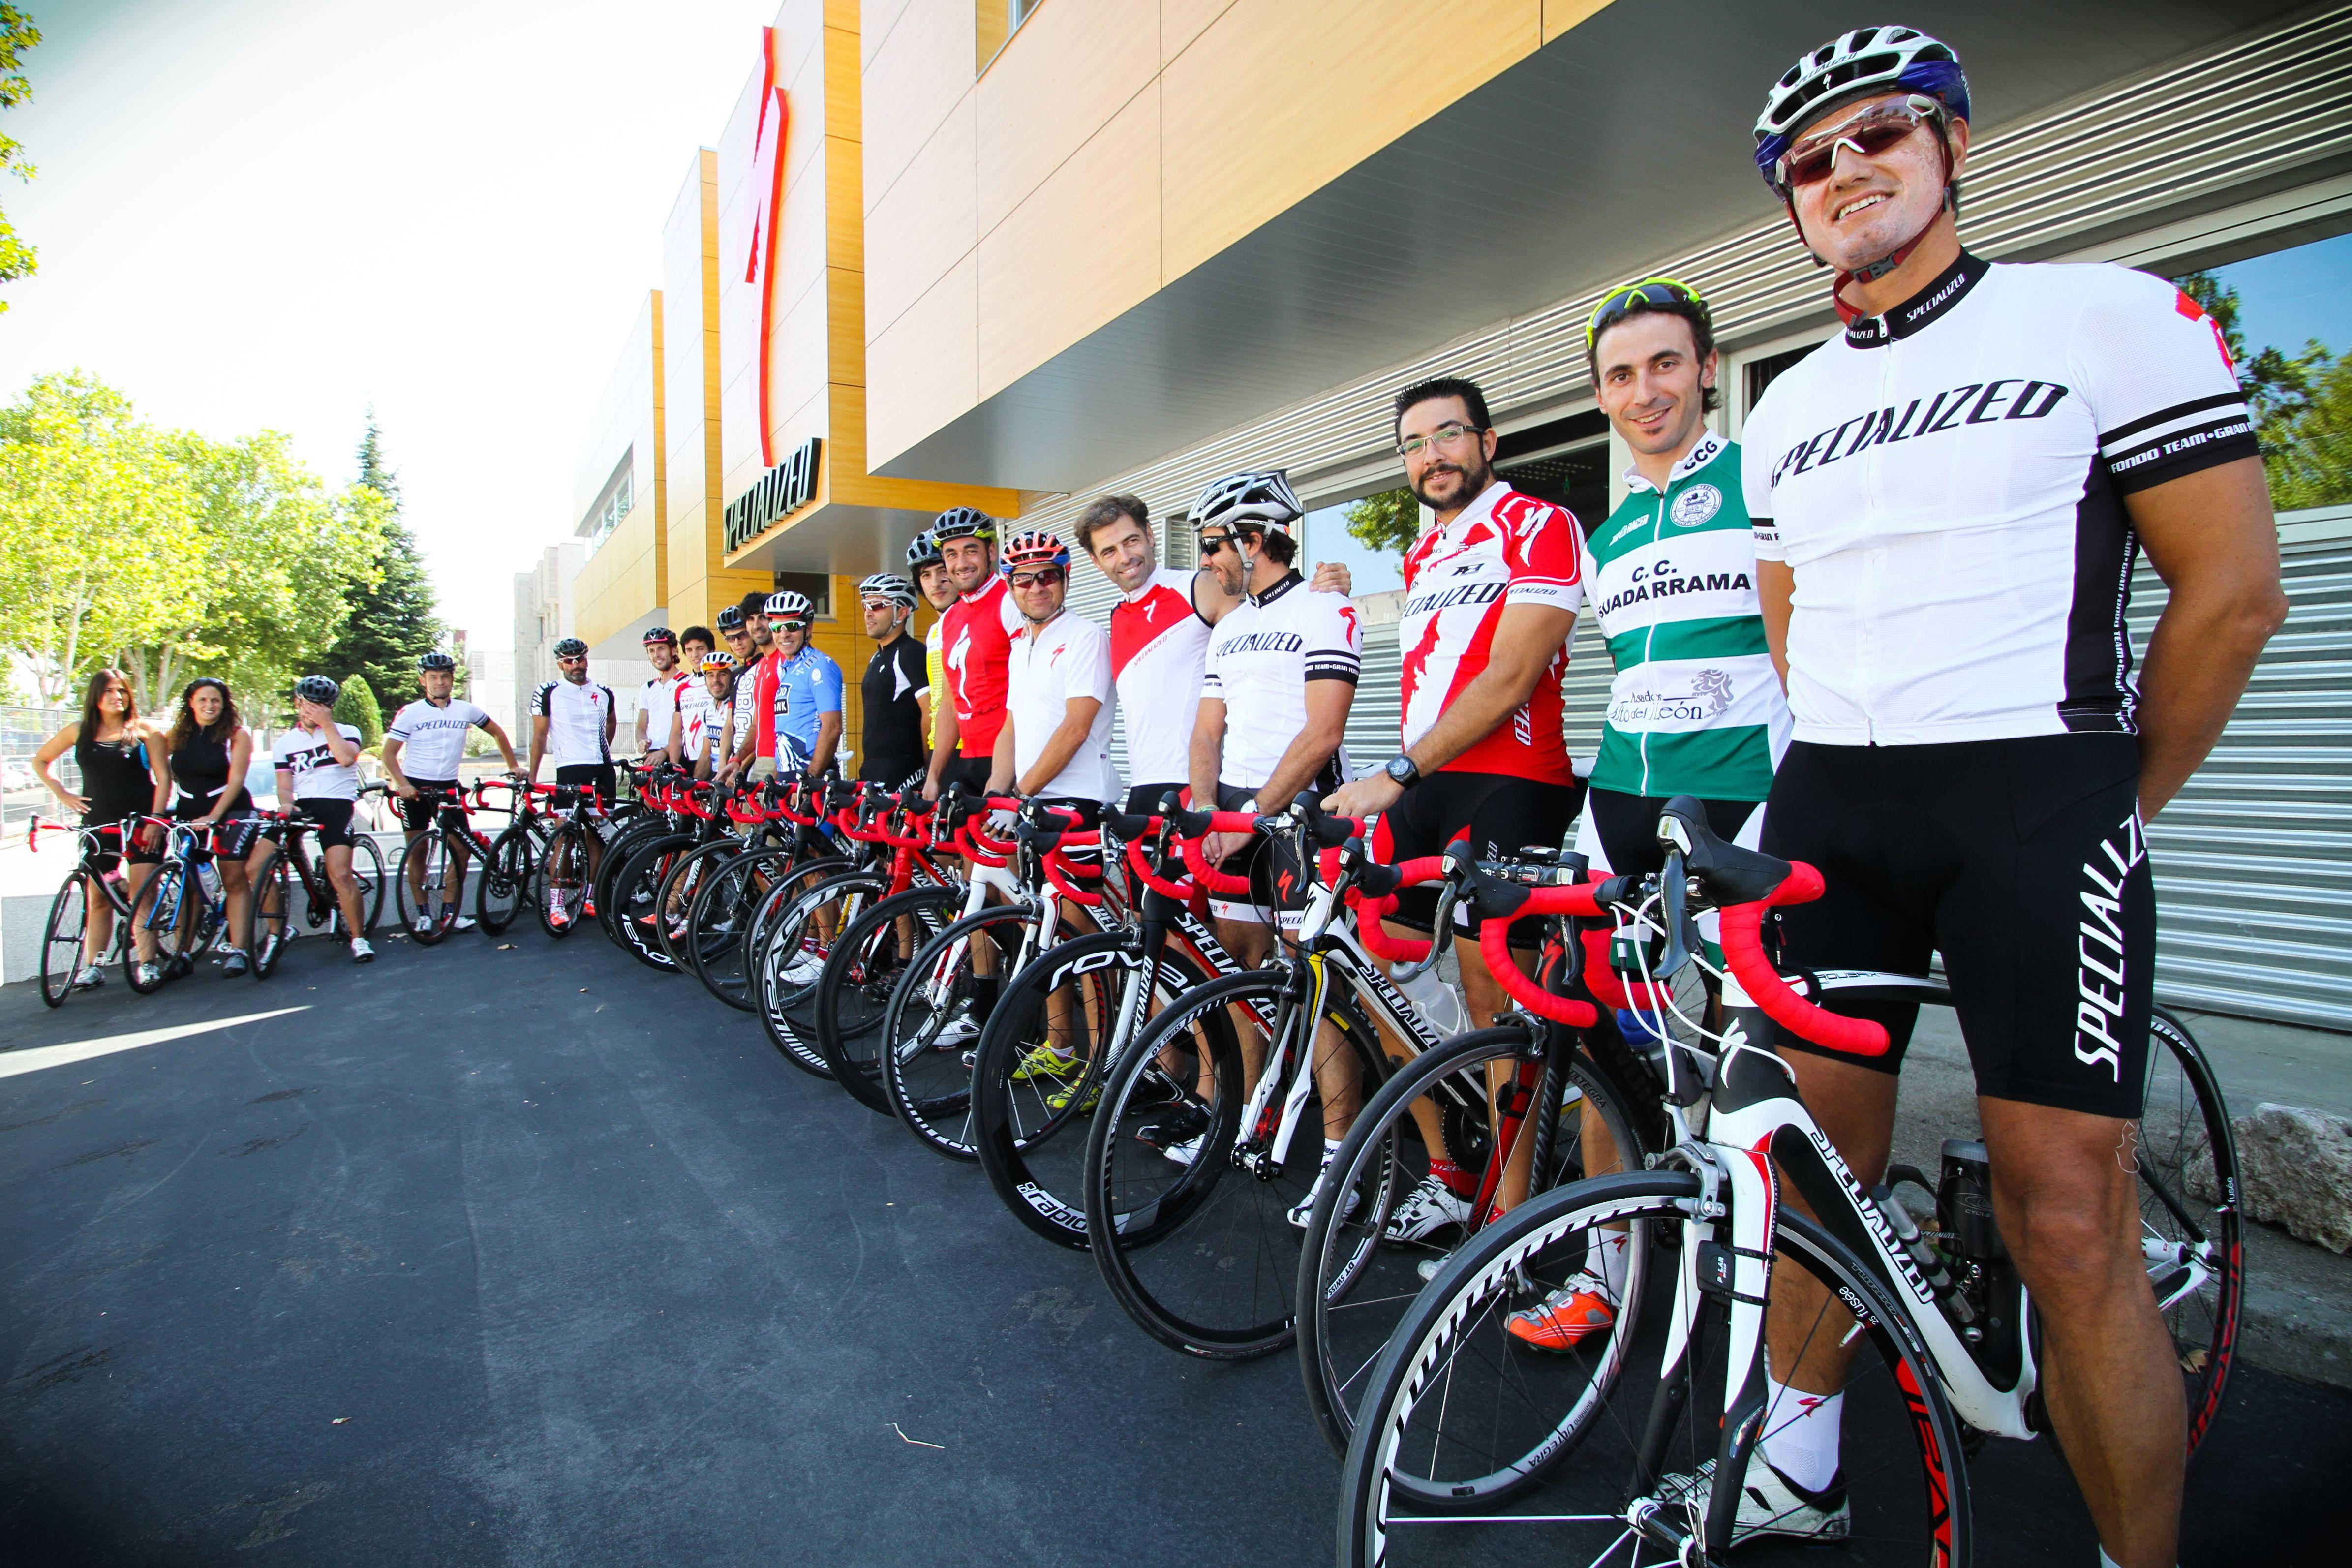 El Rojo Motiva Celebra La Vuelta De Alberto Contador Poniendo Cinta De Manillar Roja En Tu Bici Eventos Bici Contador